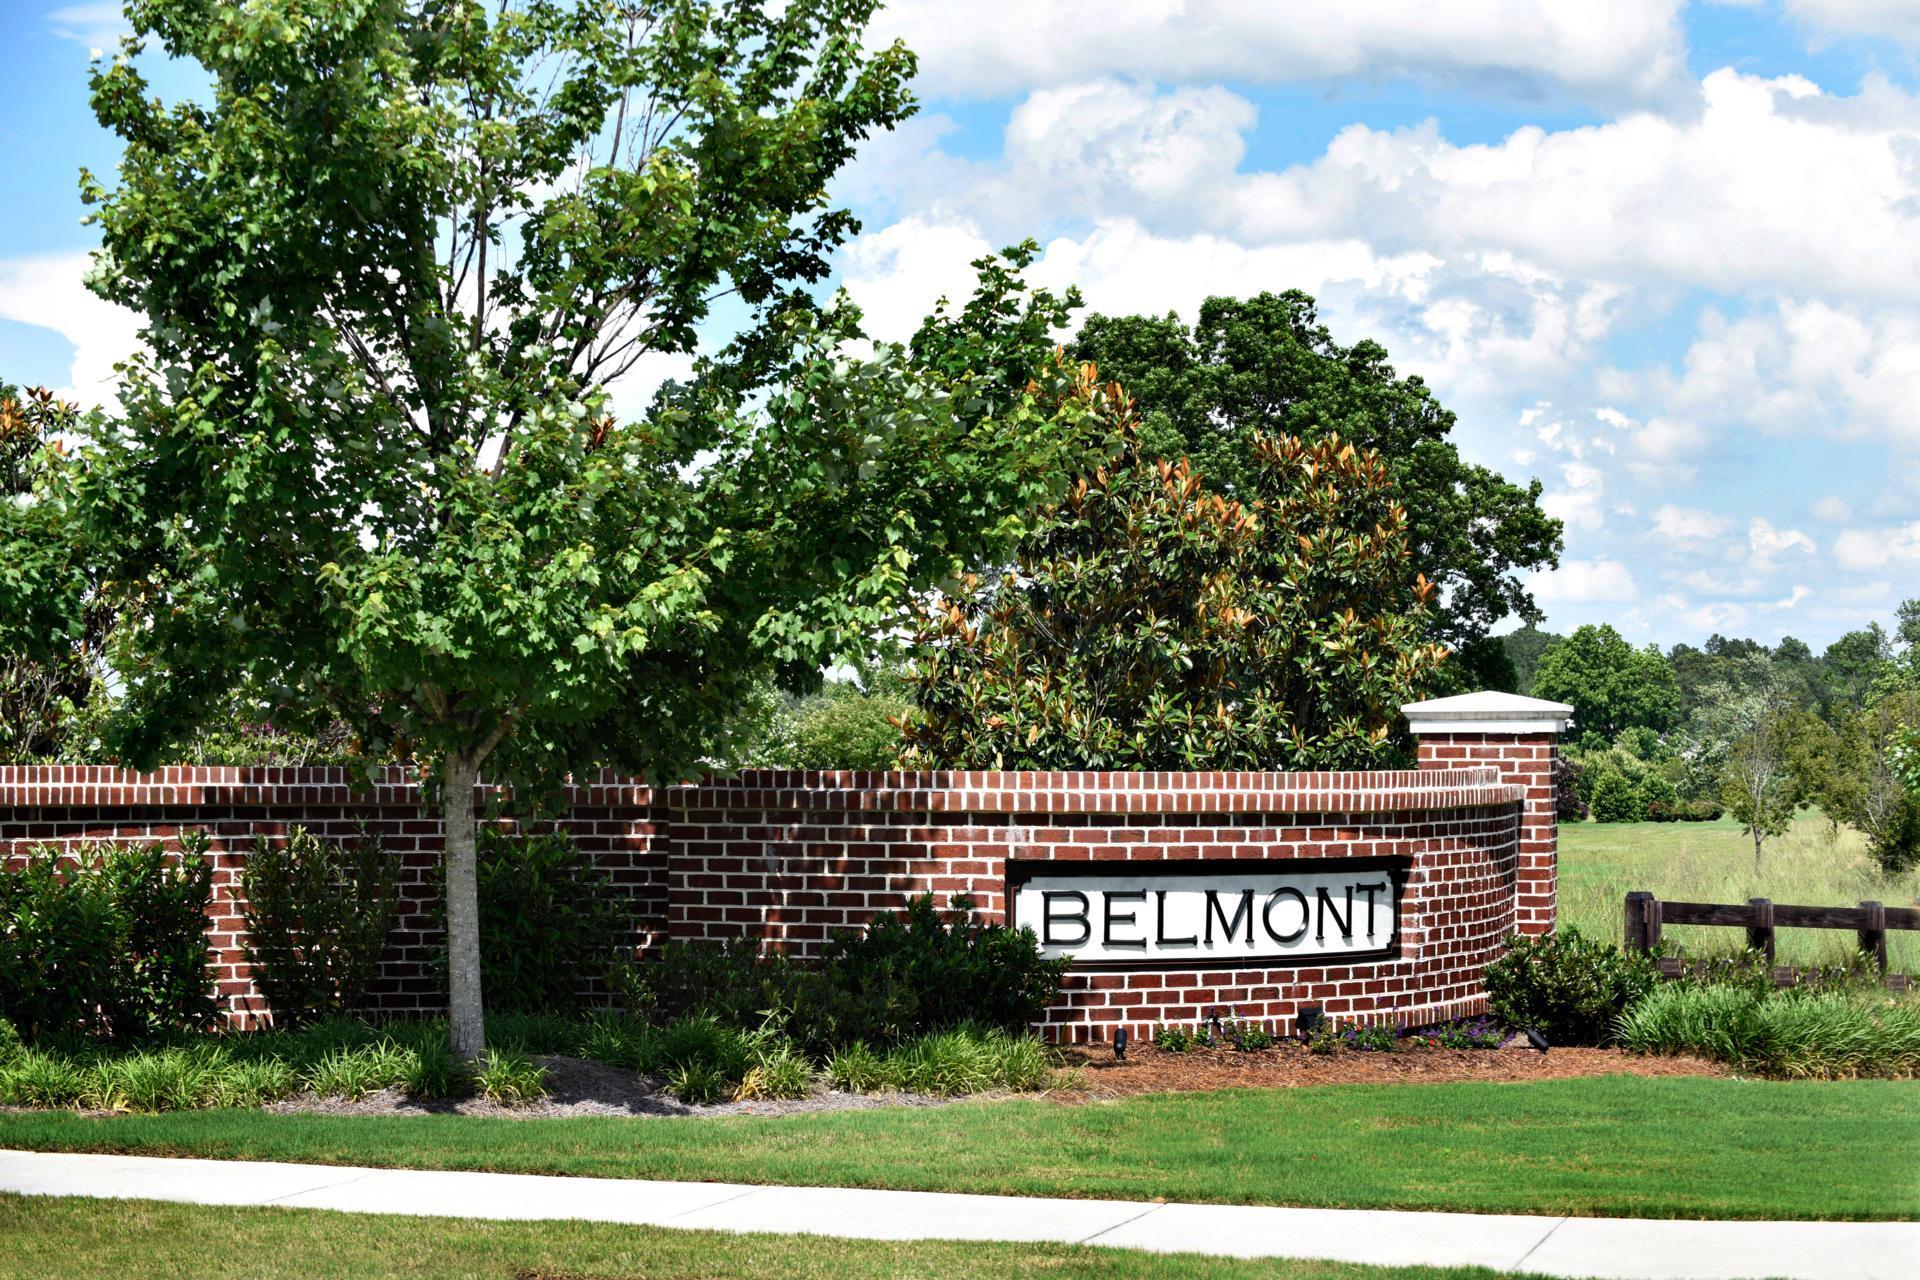 The Belmont Entrance